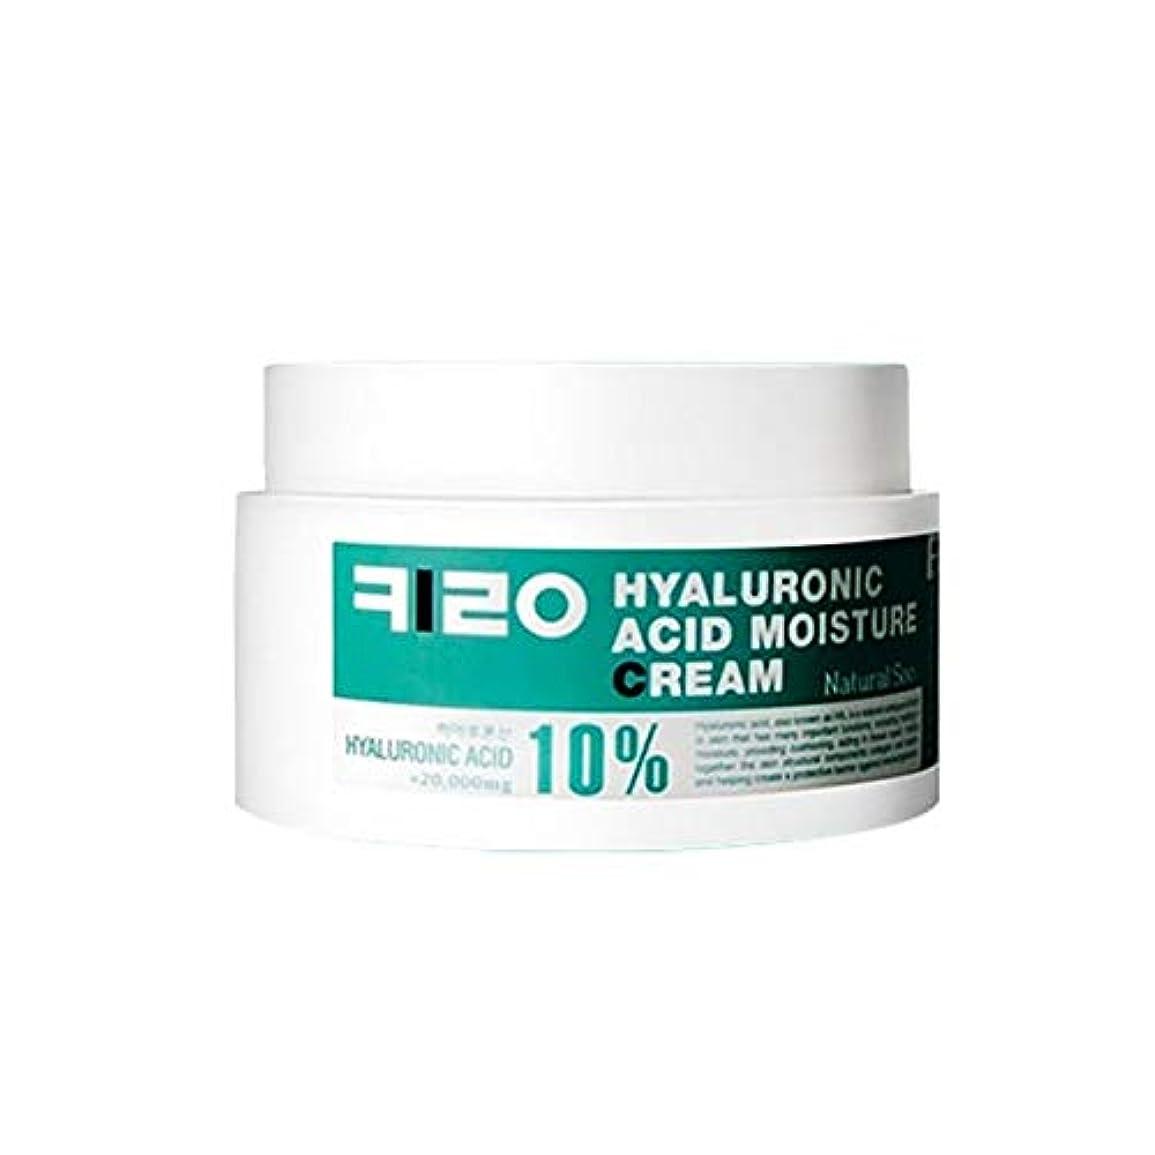 長くするこねる断線ナチュラルSooキーロヒアルロン酸モイスチャークリーム200g韓国コスメ、Natural Soo Hyaluronic Acid Moisture Cream 200g Korean Cosmetics [並行輸入品]